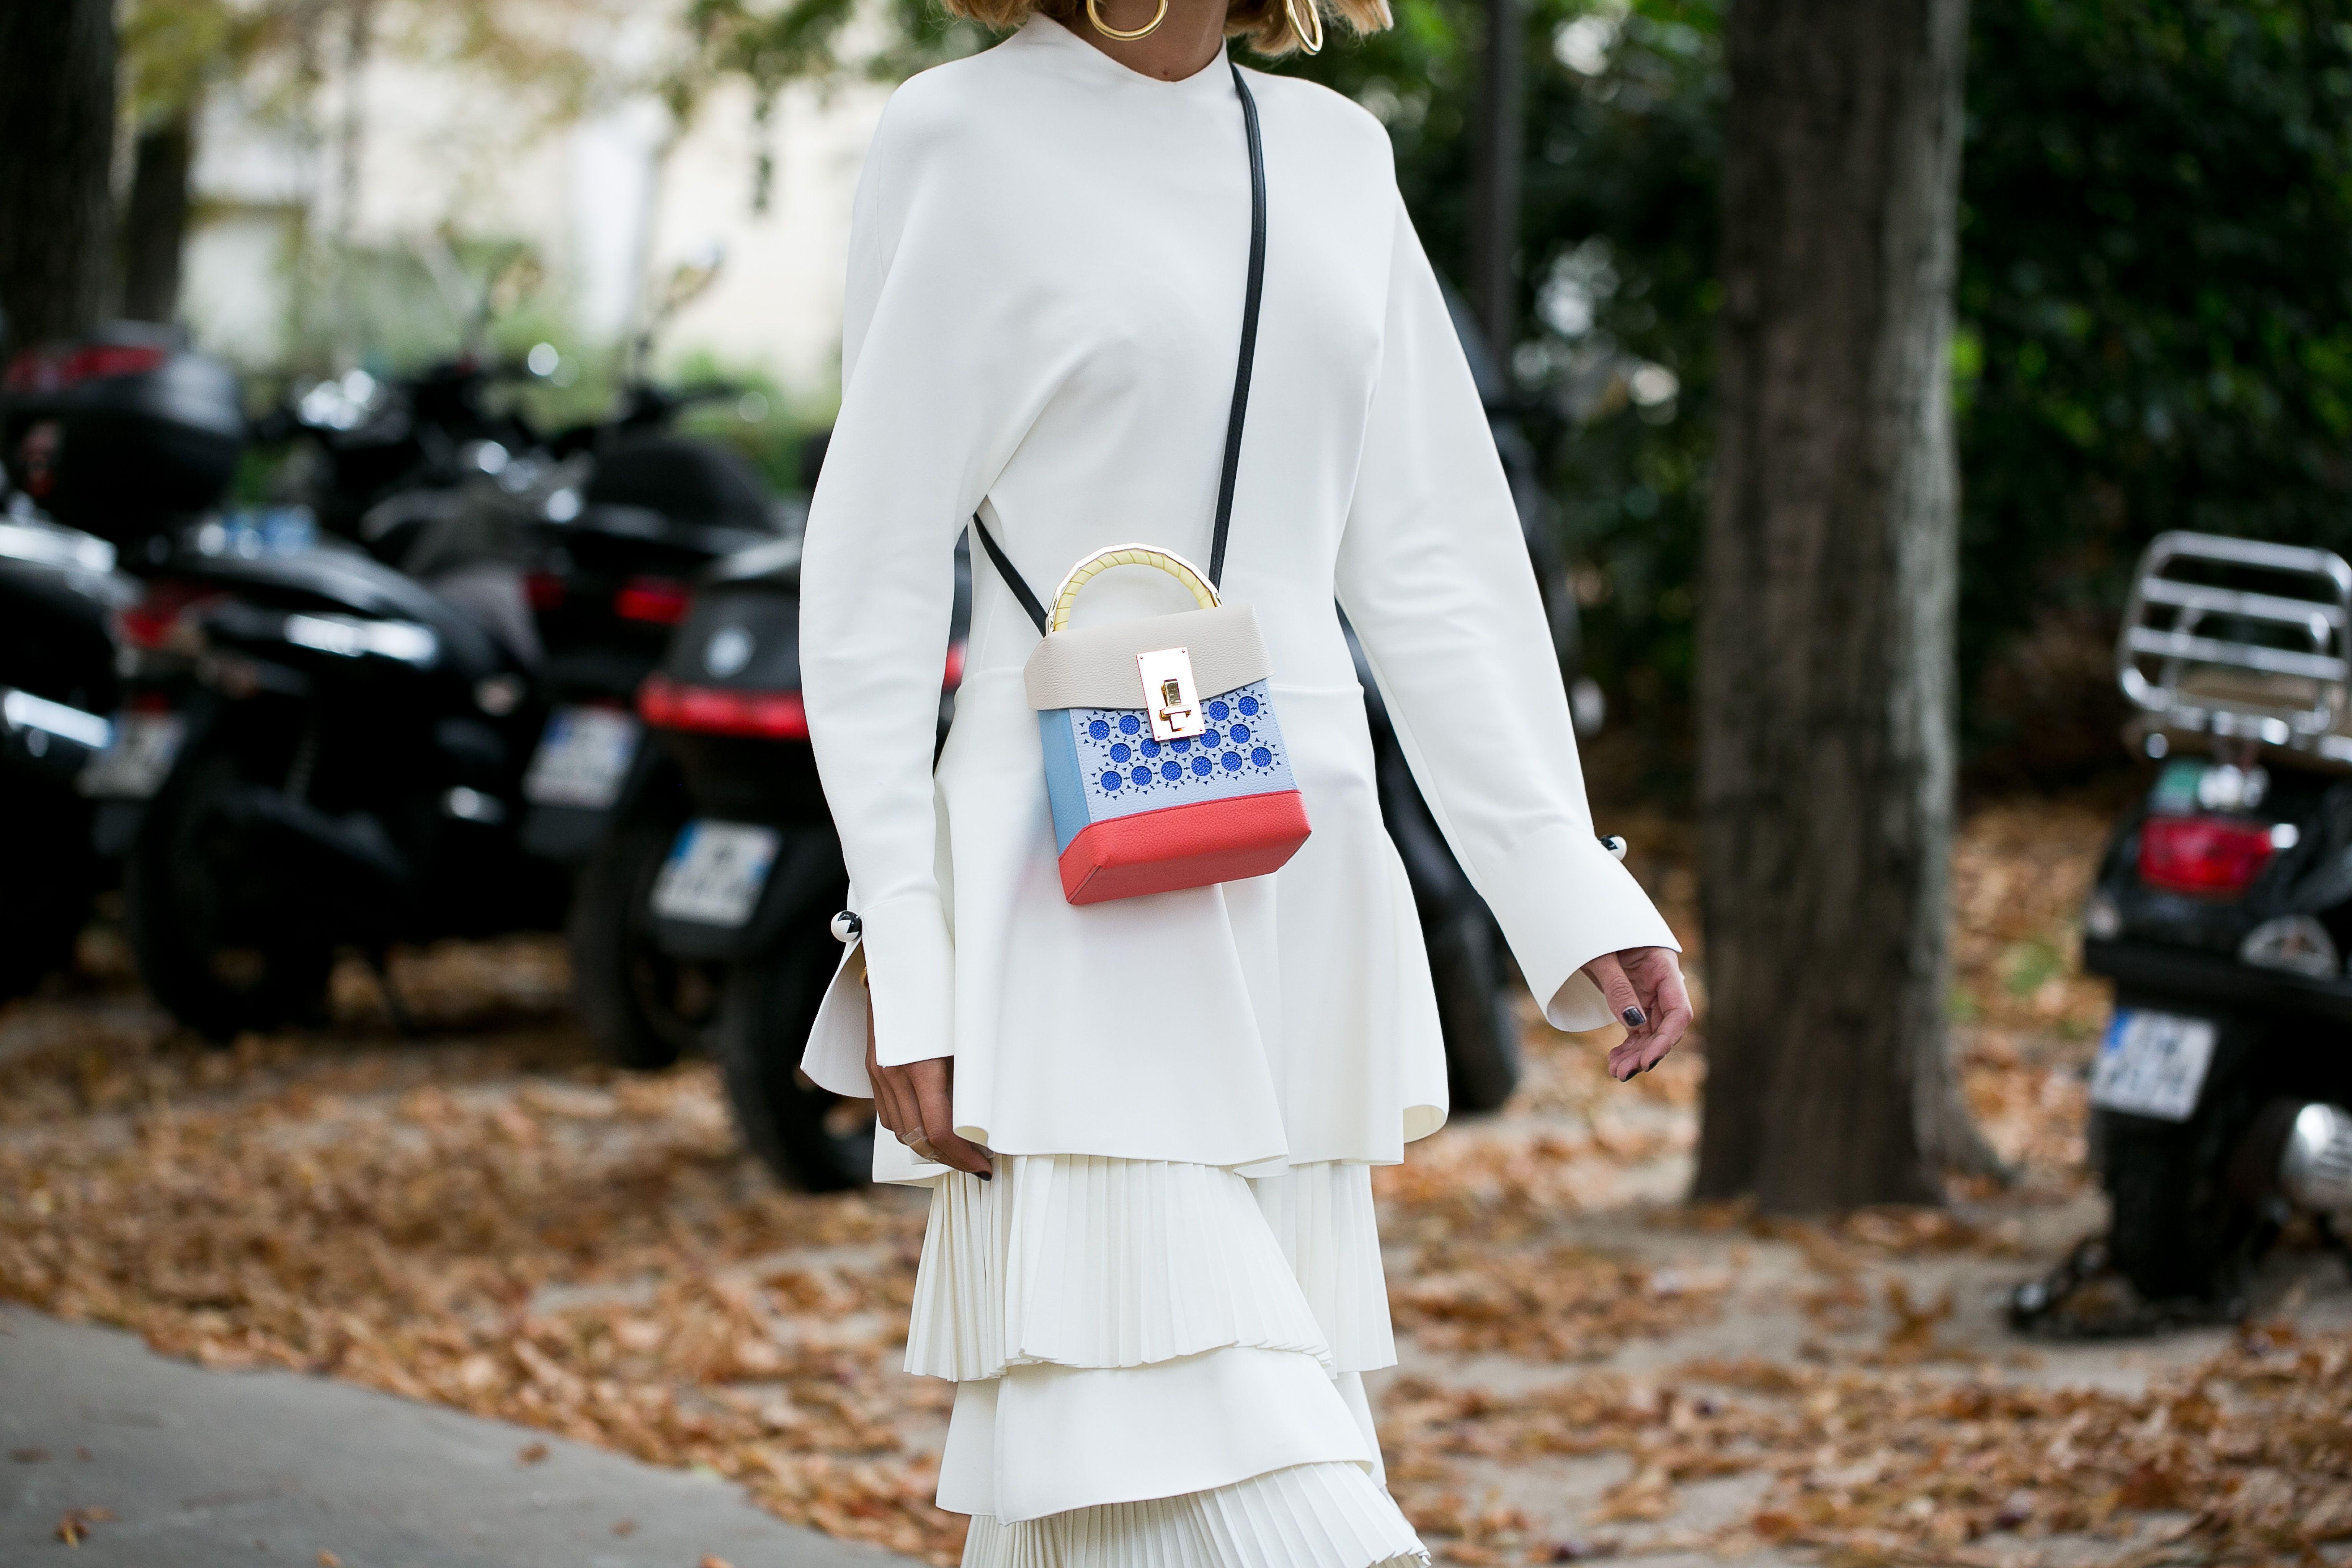 Ova torbica izgleda poput dizajnerske, a zapravo je vrlo pristupačna